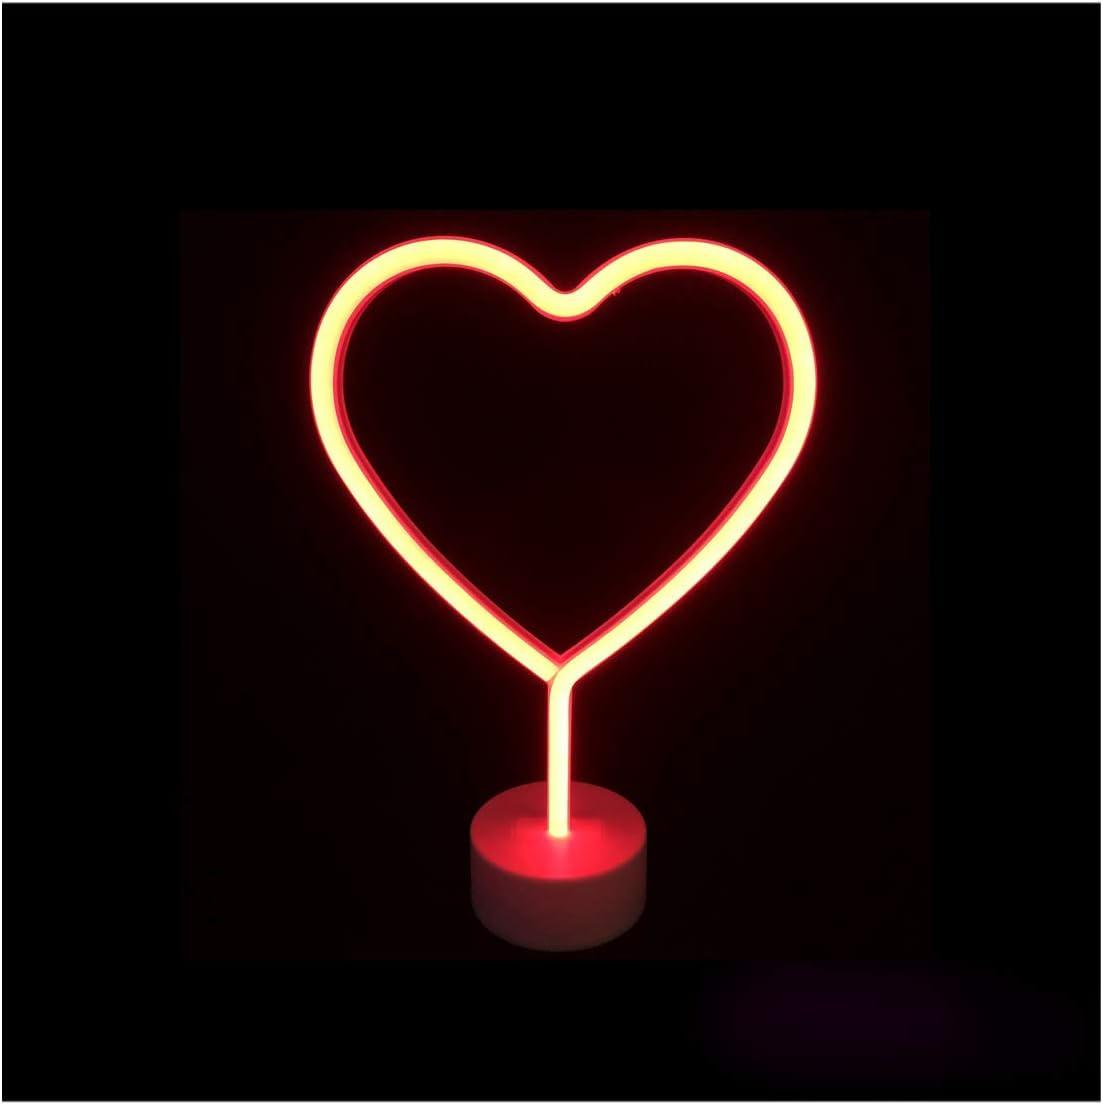 discoteca o gastronomia bar colore rosso brillante classica decorazione al neon BLINXS compleanno o come luce datmosfera per feste Luce al neon a LED a forma di cuore